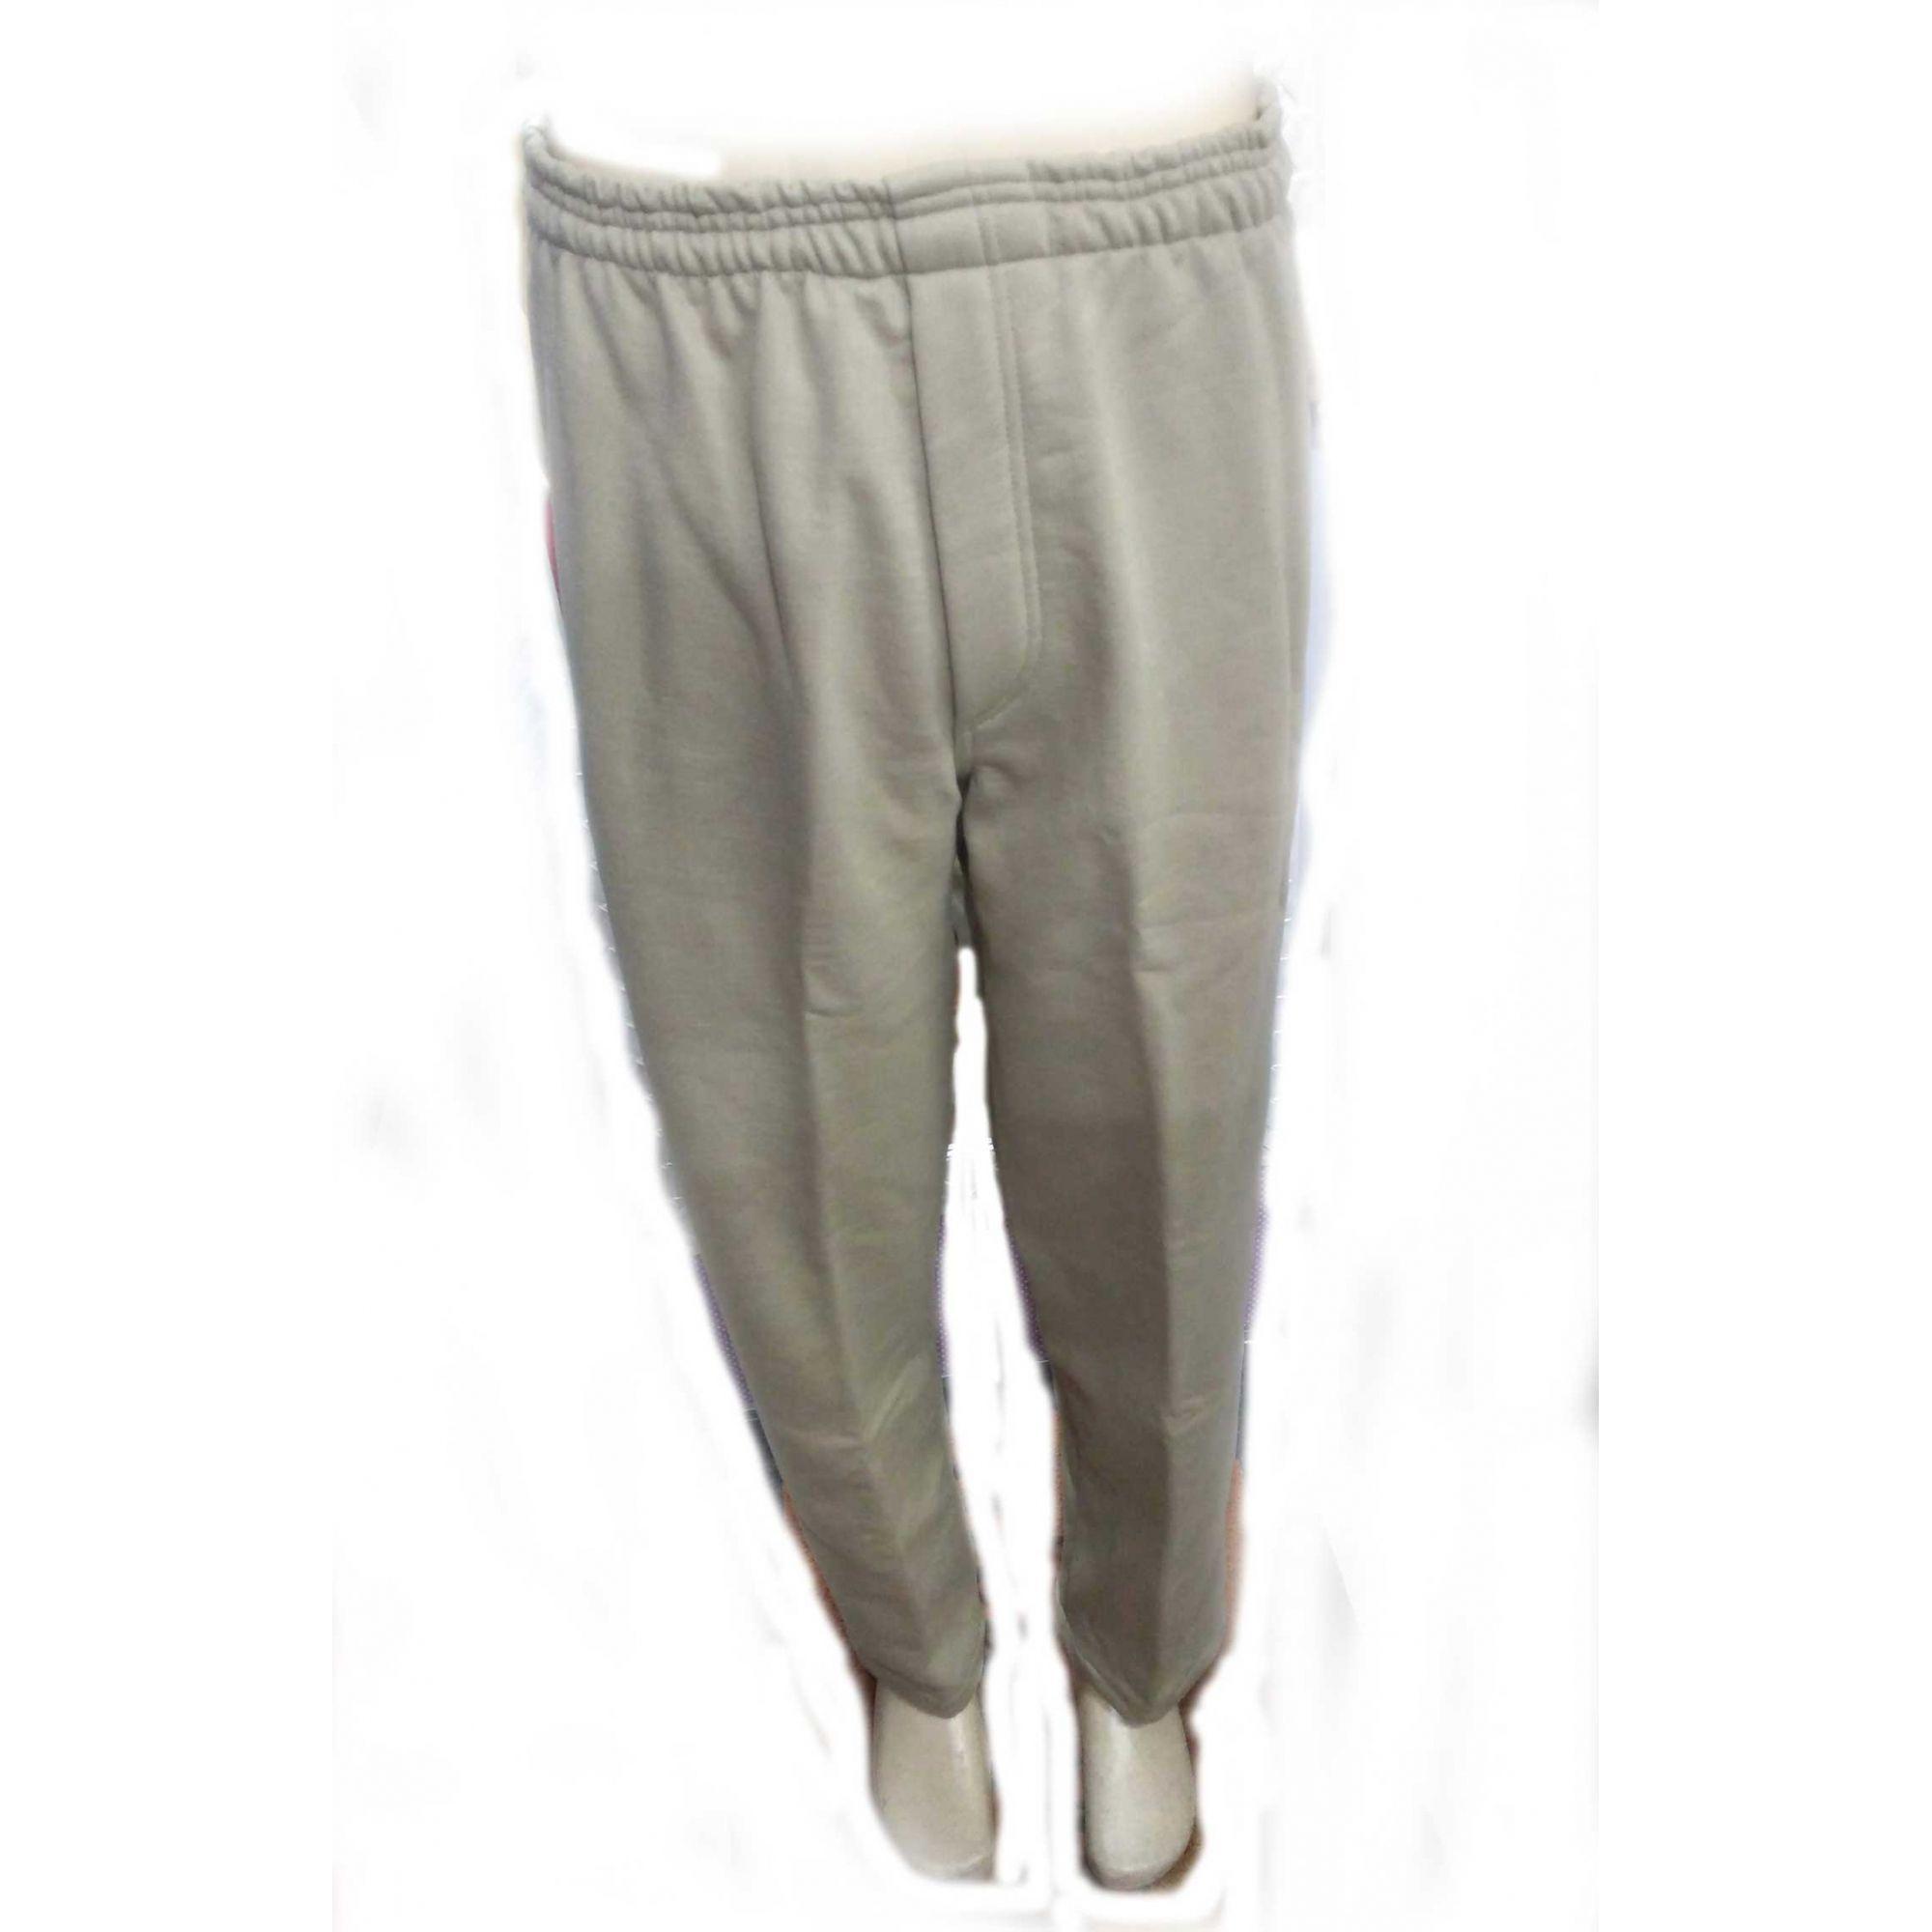 Calça Masculina Moletom 100% algodão